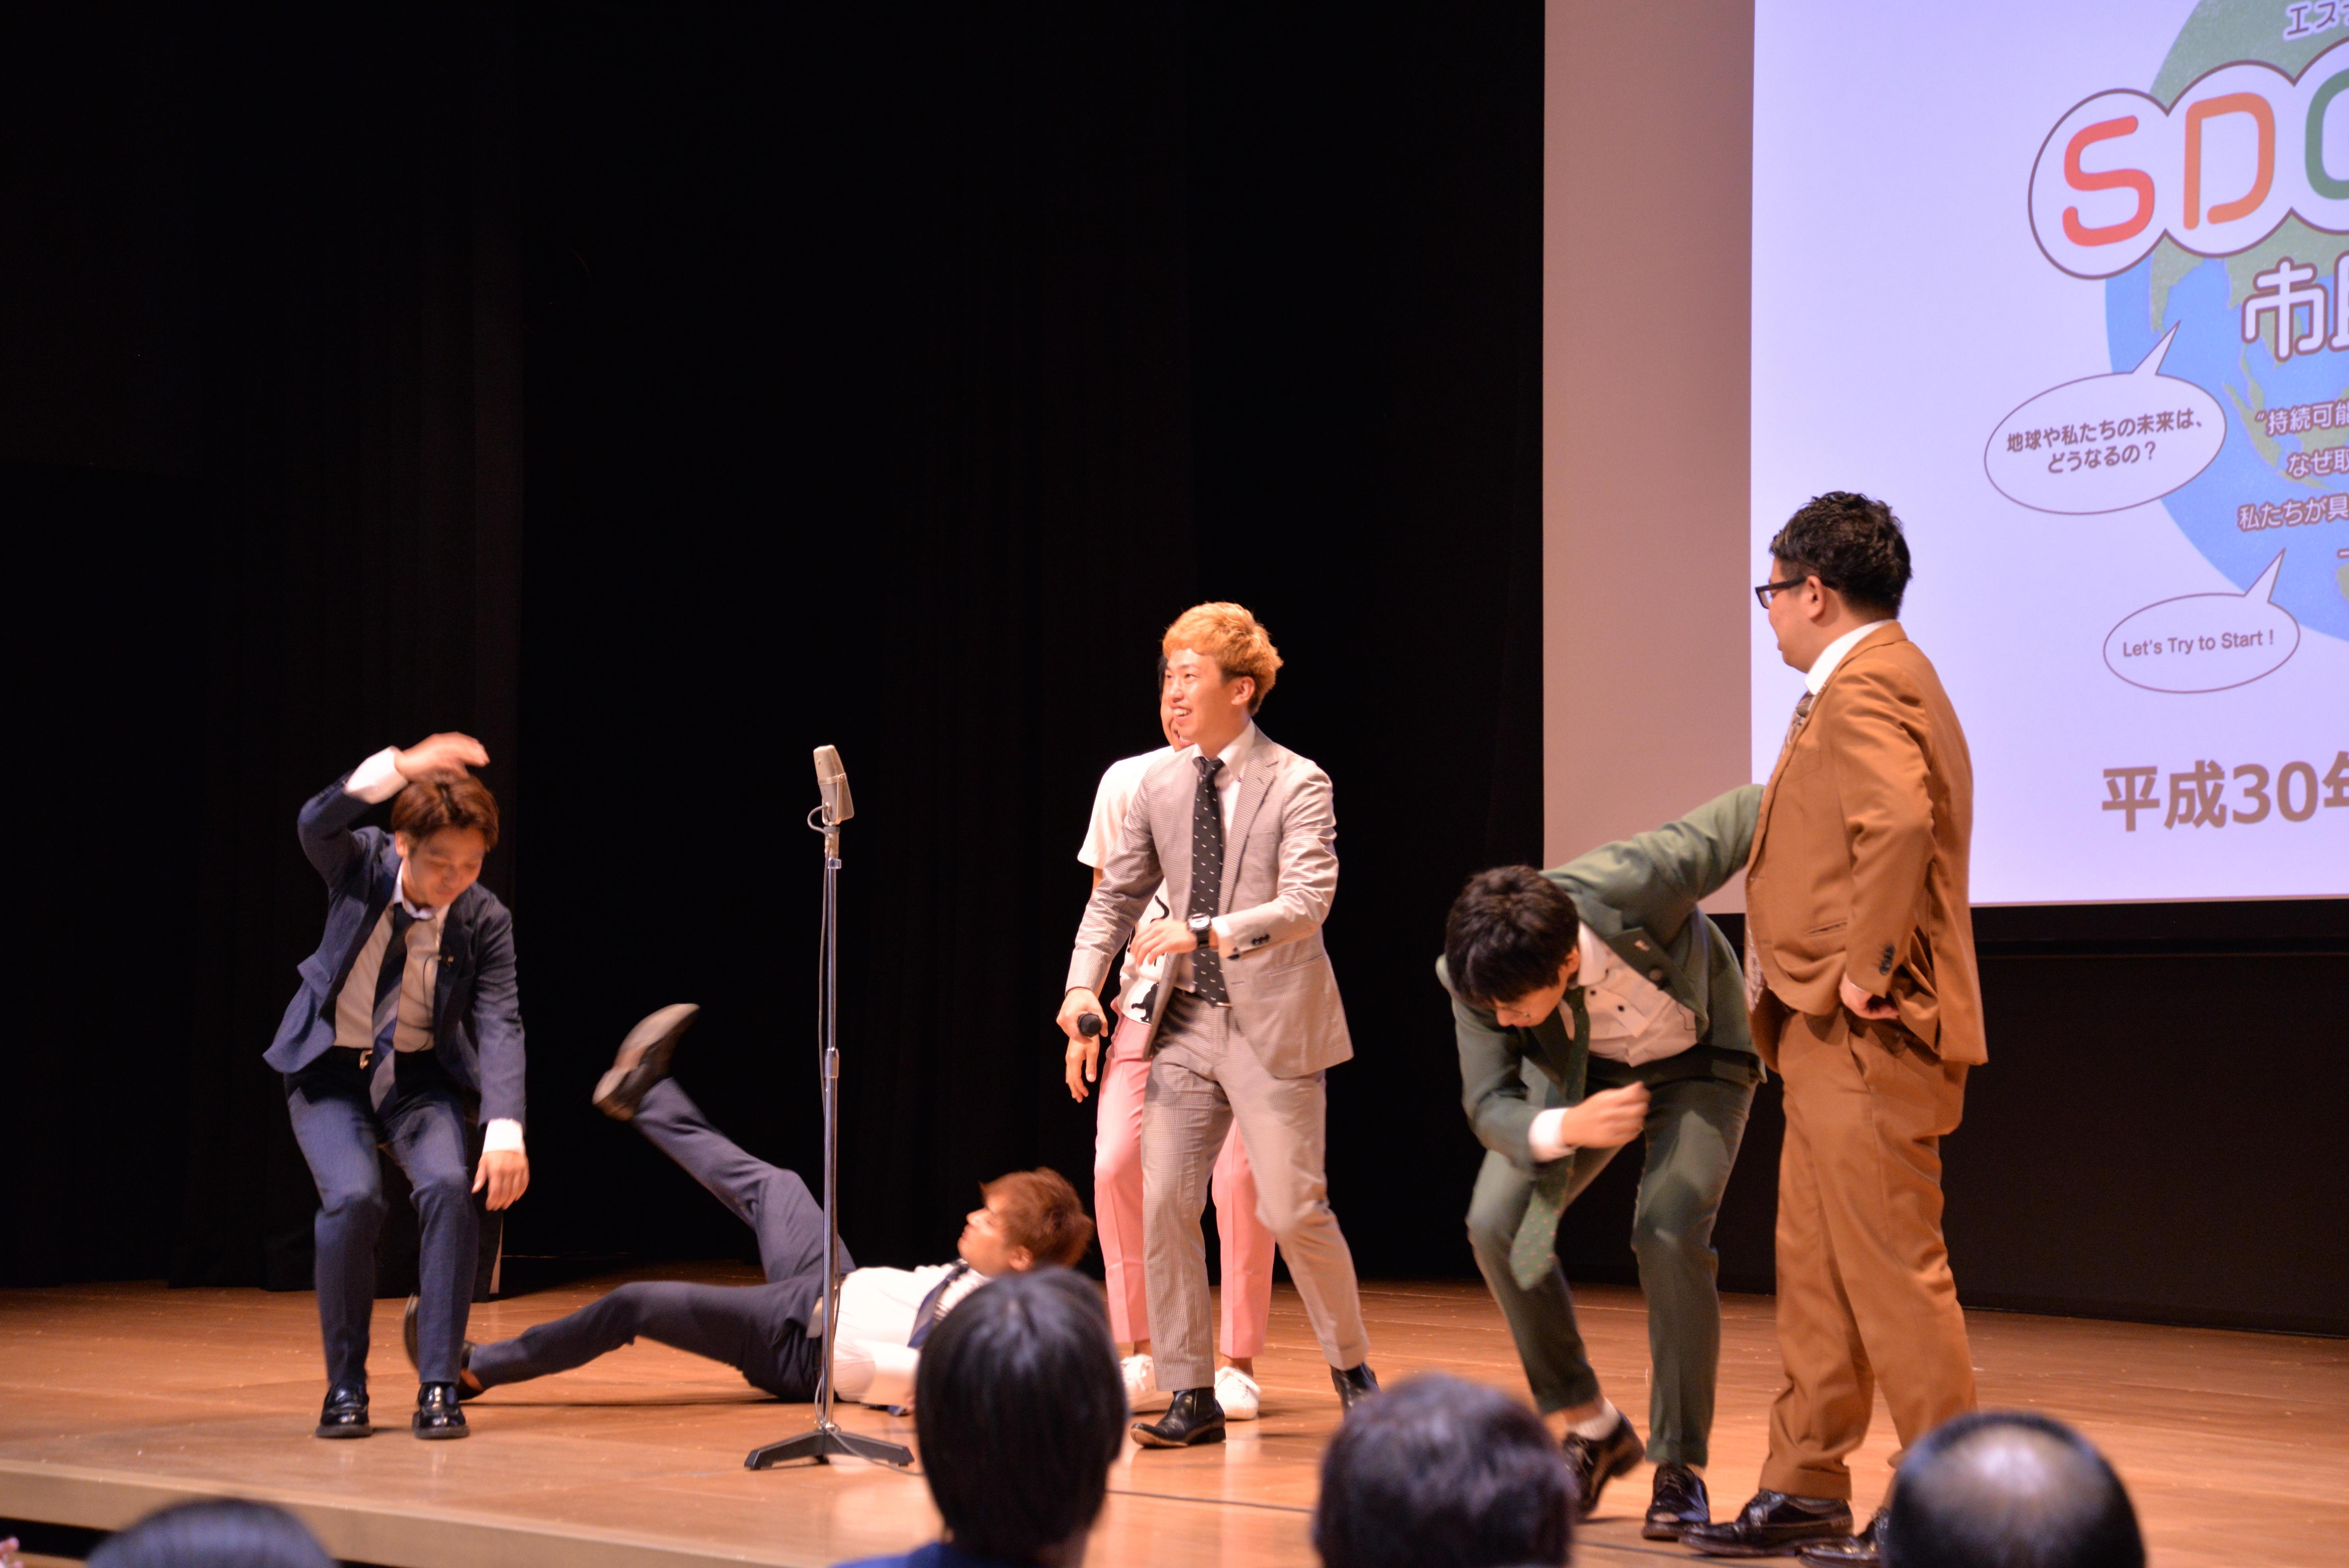 http://news.yoshimoto.co.jp/20180801173429-89441dfd9ce0d7b02978d62a3ff49758bb38e314.jpg